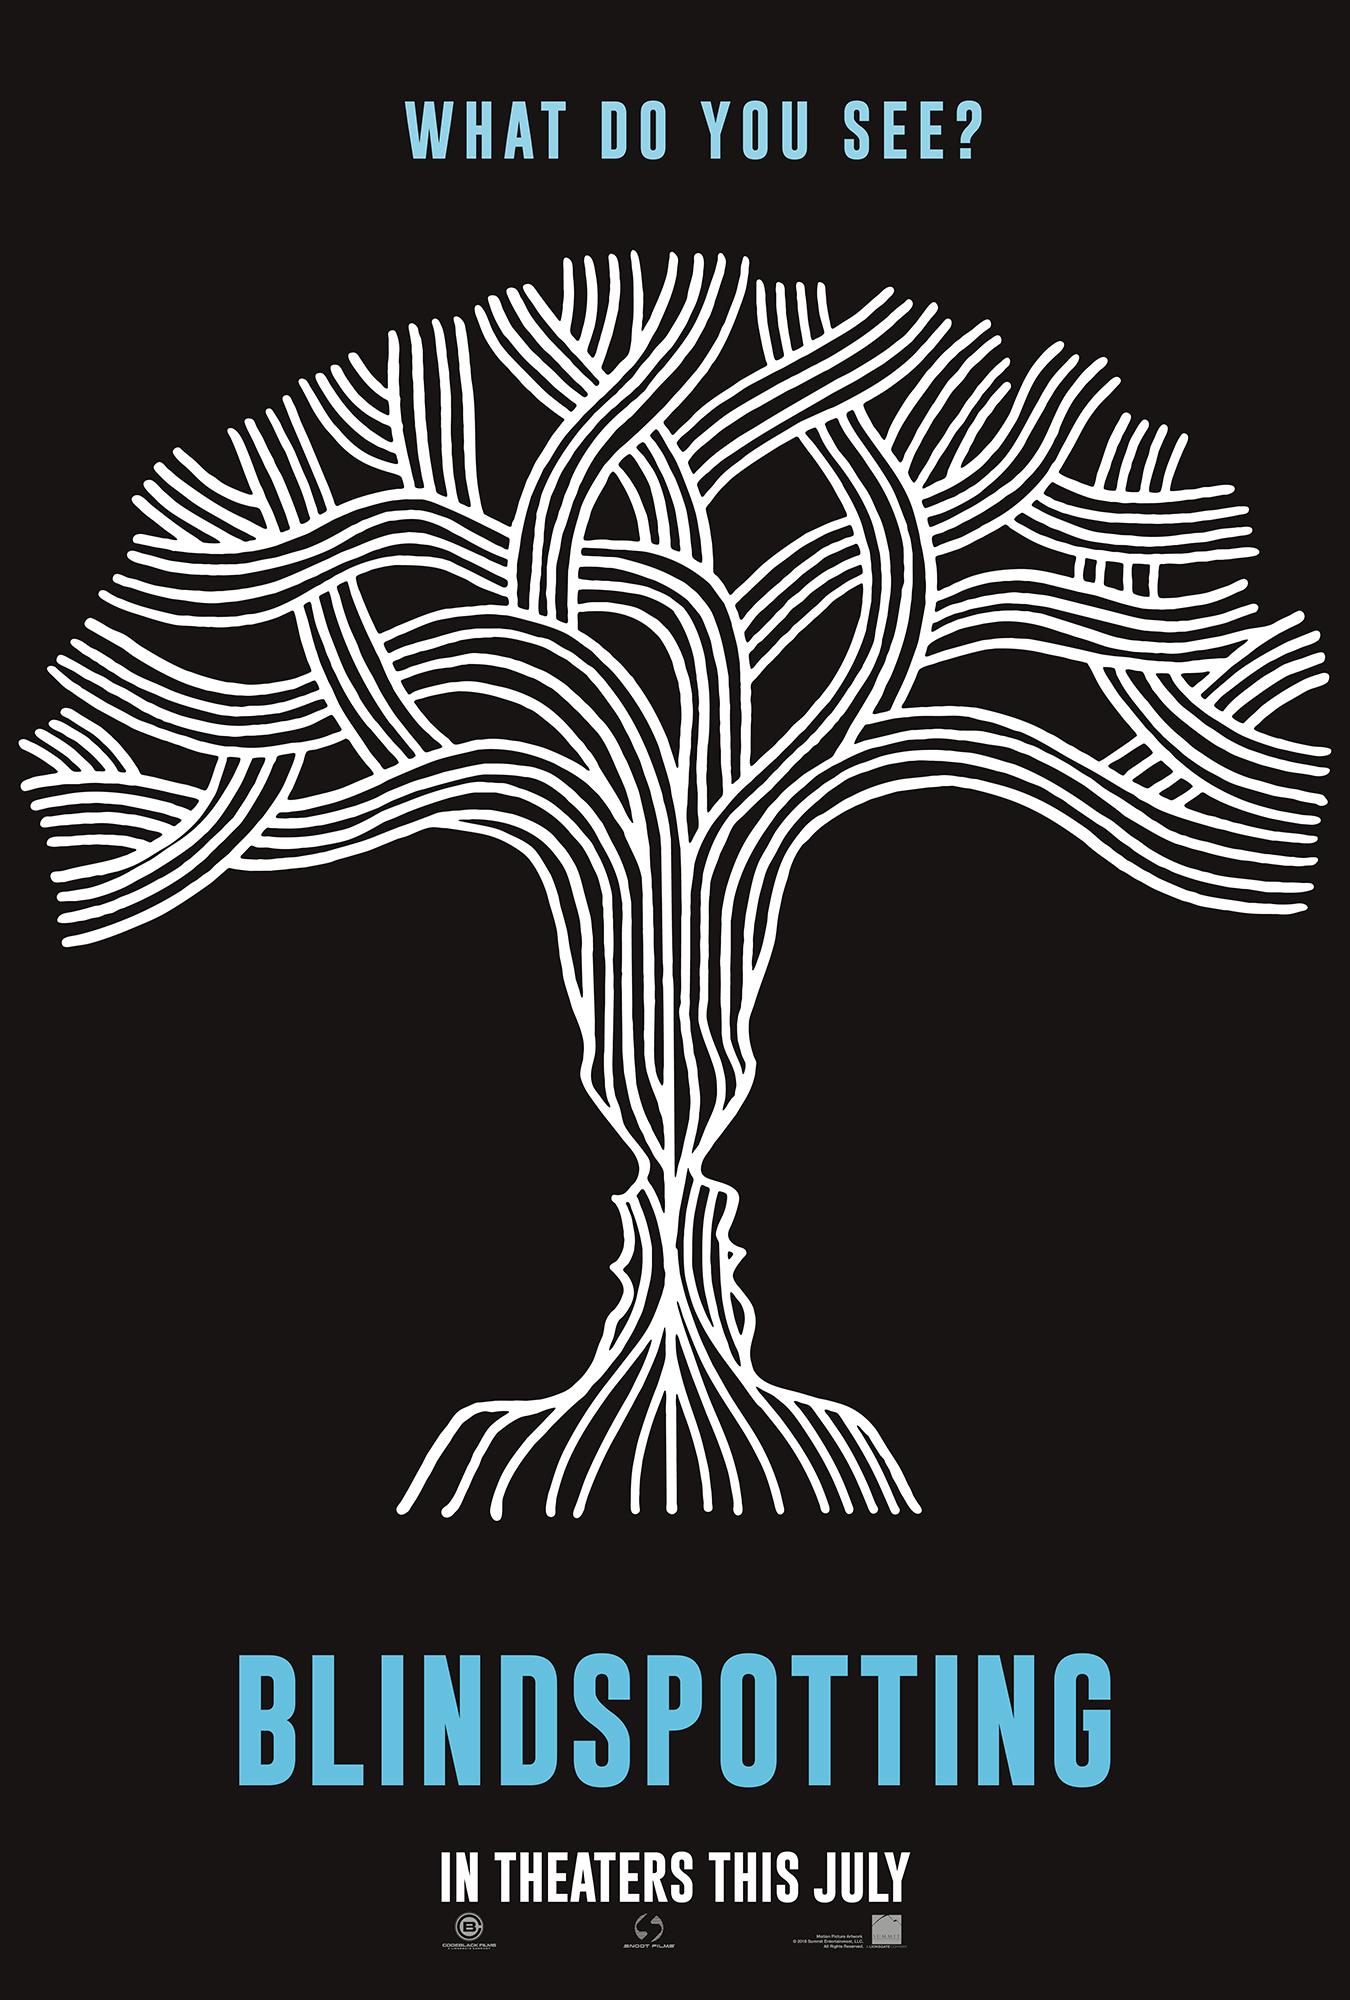 Blindspotting_Tsr_Tree_100dpi.jpg